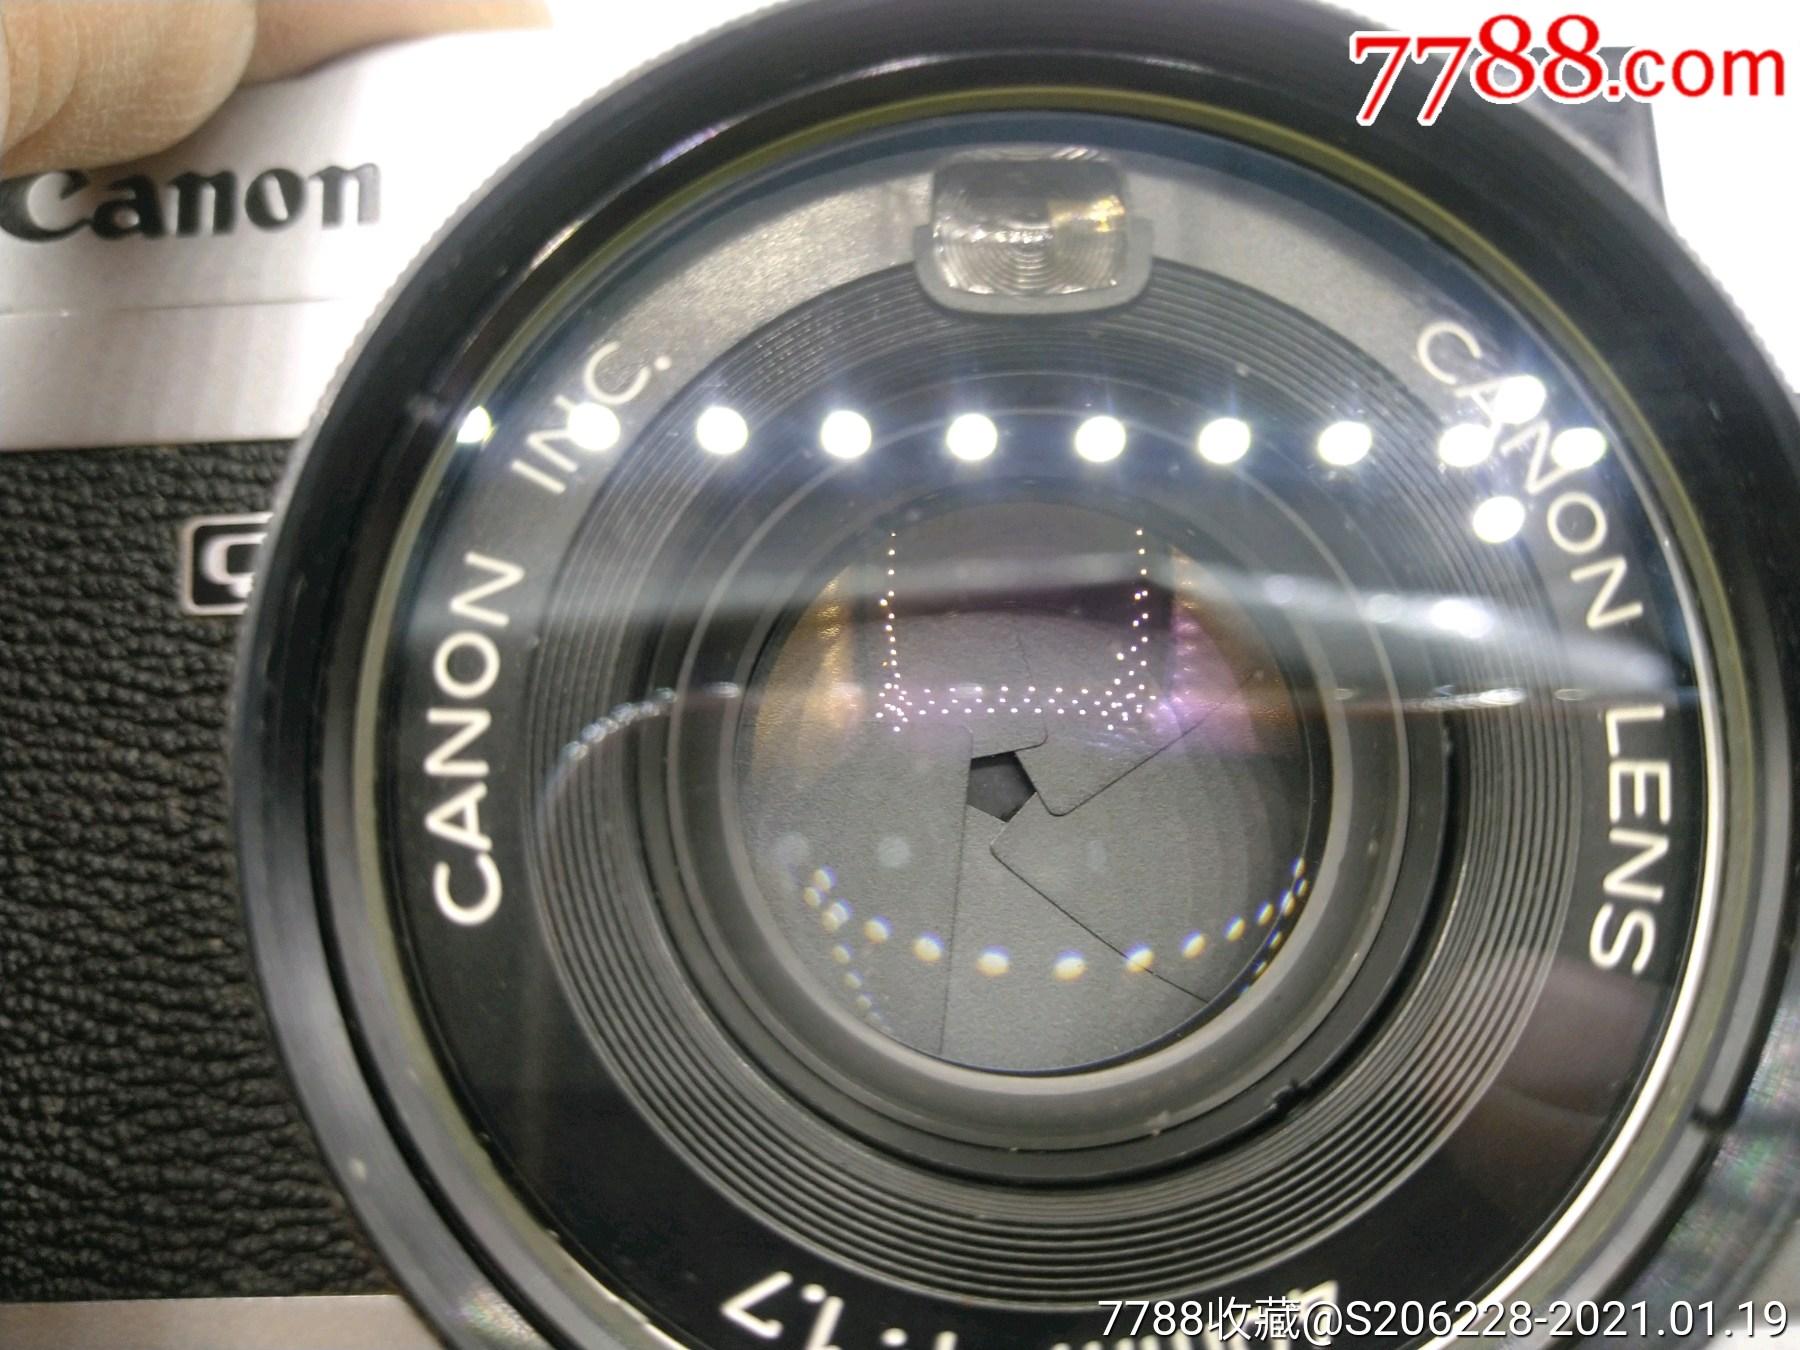 229★Canon_Canonet-QL17旁軸相機/機身編號:643049_價格260元_第13張_